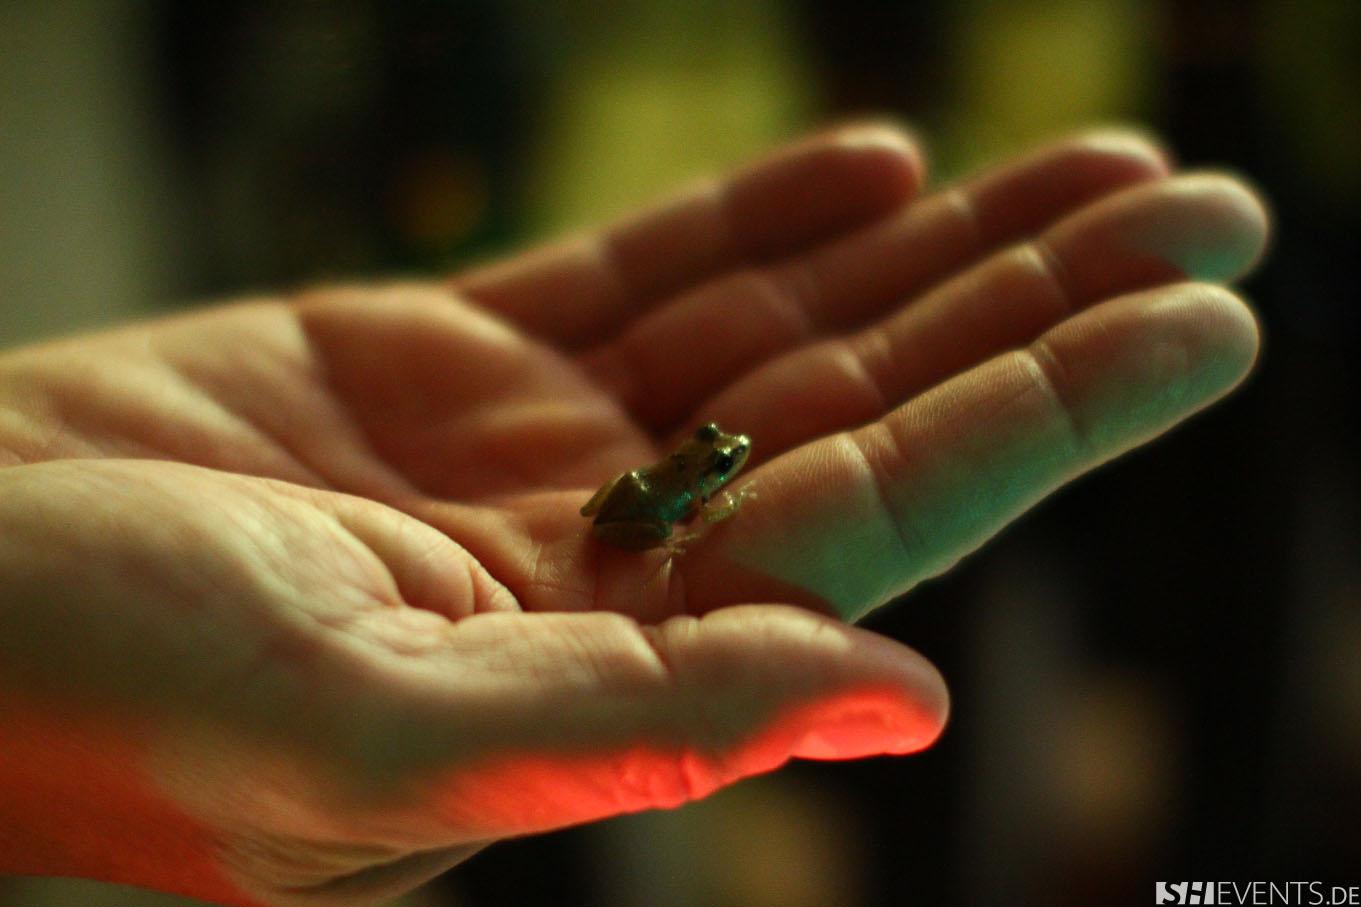 Kleiner Frosch auf einer Hand